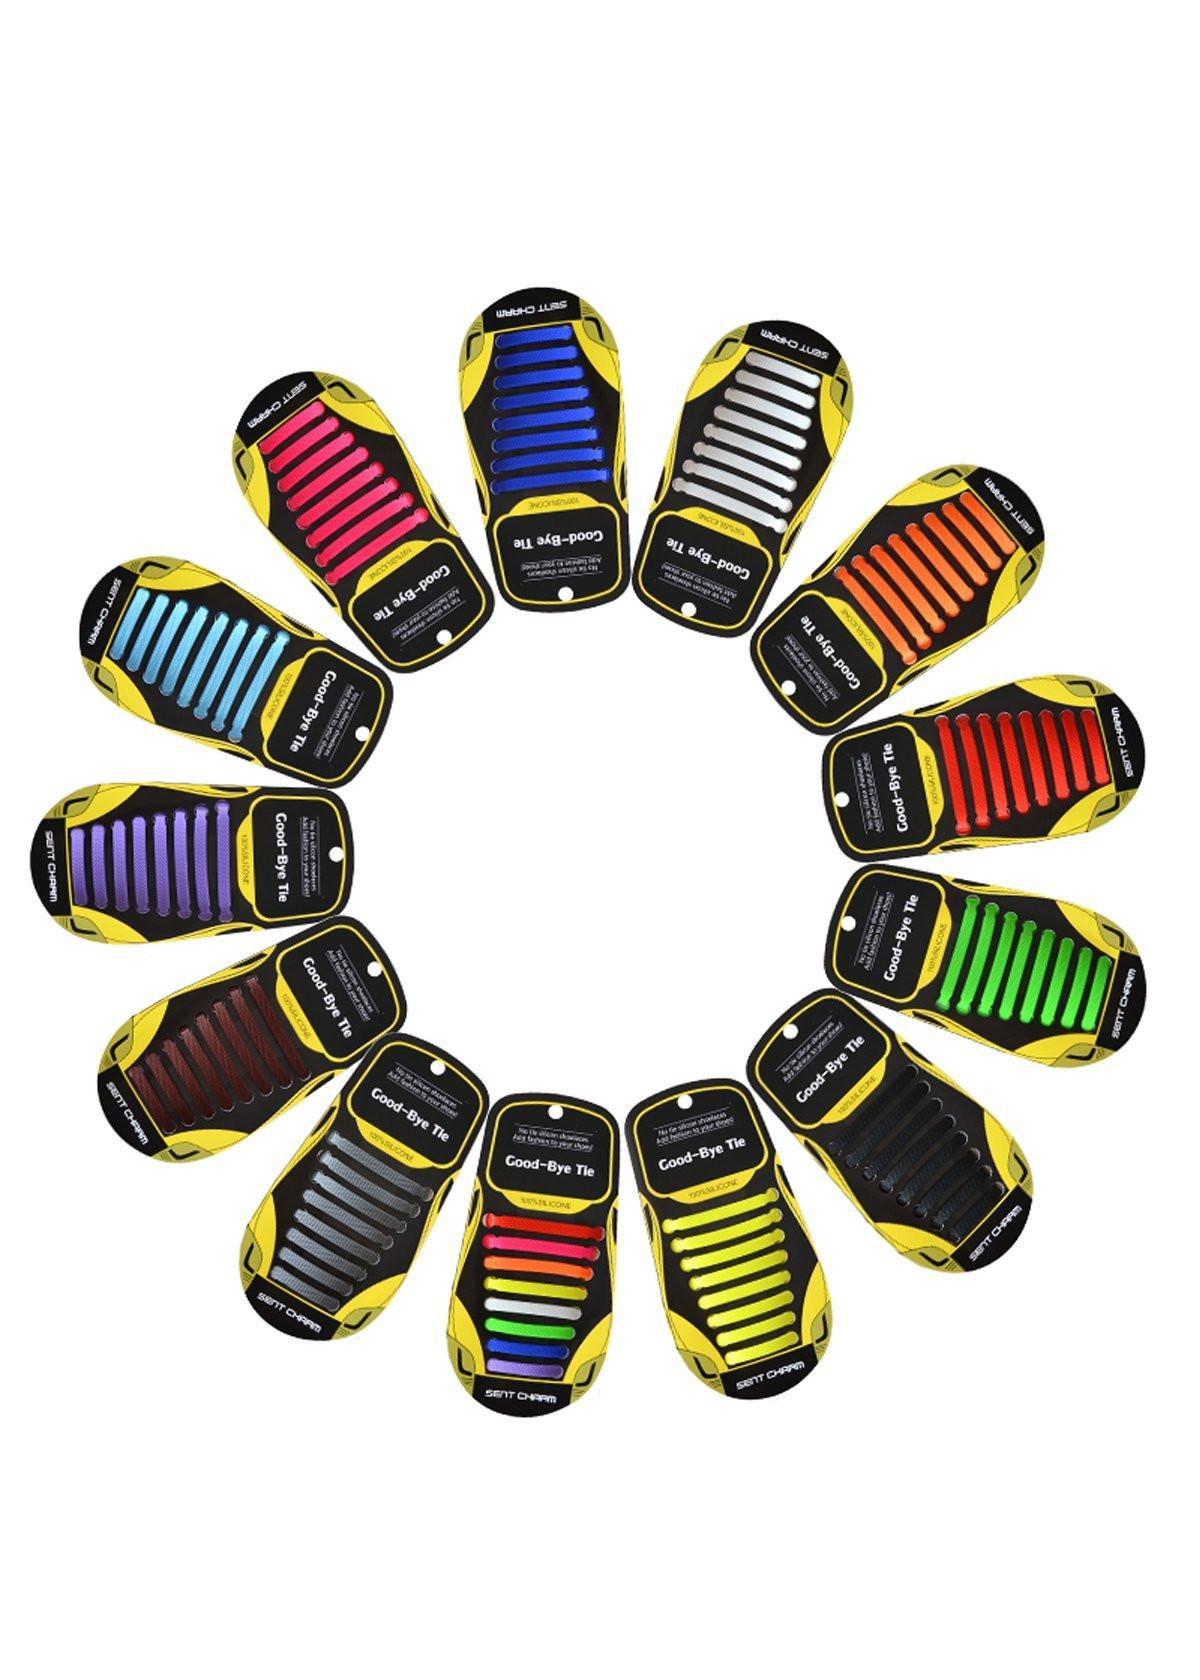 Dây giày cao su siêu thông minh SENT CHARM – Bộ 16 dây